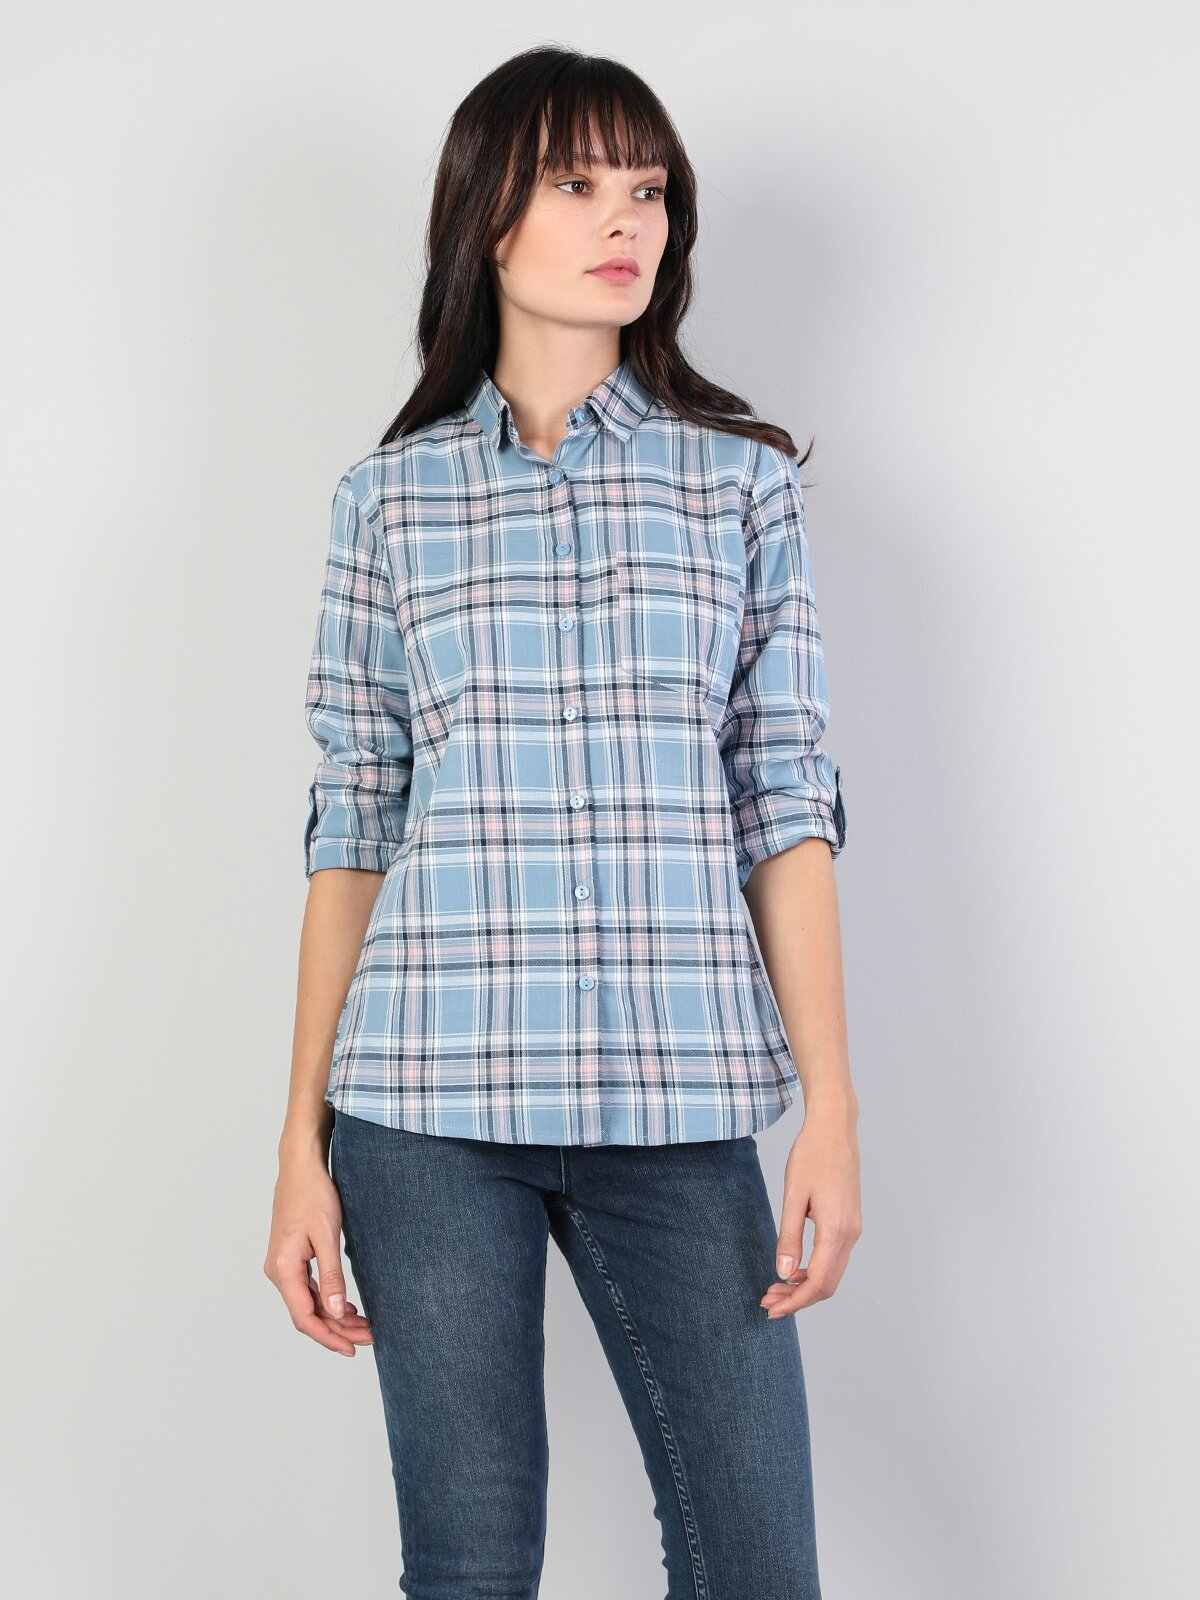 Super Slim Fit Shirt Neck Kadın Mavi Uzun Kol Gömlek